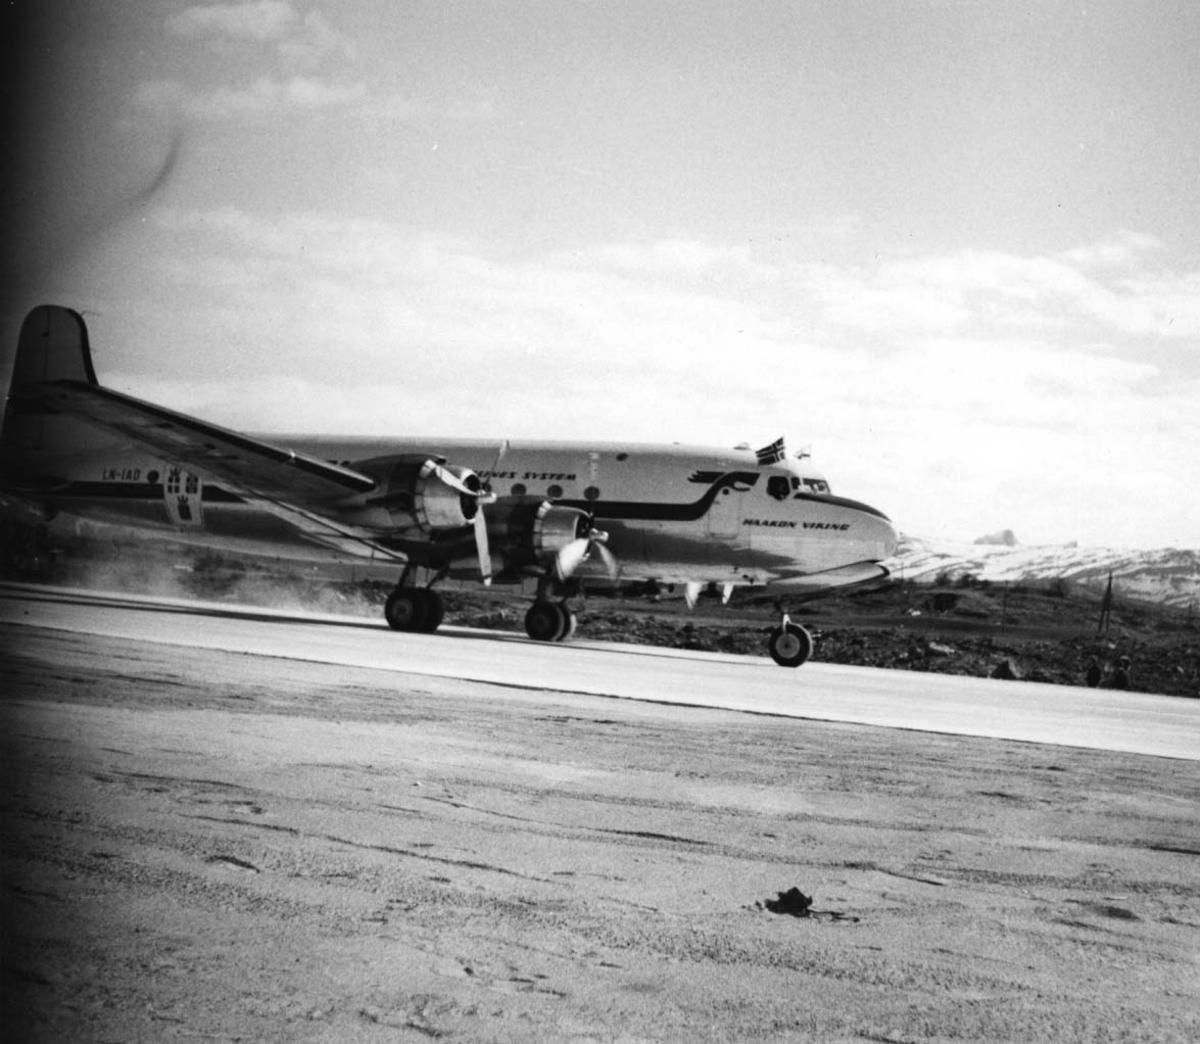 """Lufthavn, 1 fly på bakken, Douglas DC-4 /C-54-1009 Skymaster. Mil C-54 LN-IAD """"Haakon Viking fra DNL/SAS. Flere personer ved flyet."""